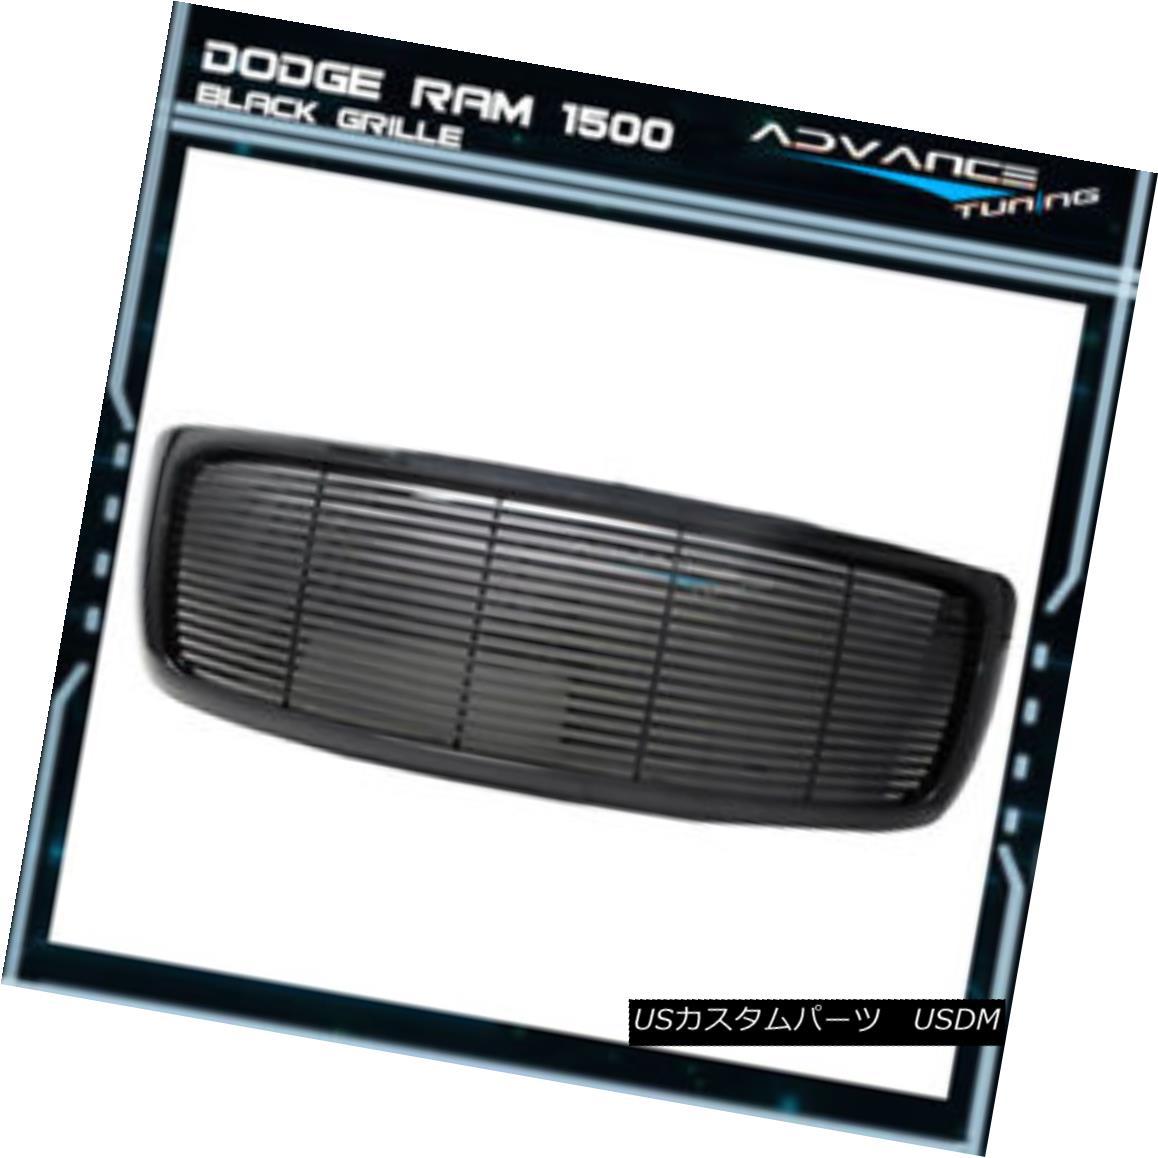 グリル For 02-05 Ram 1500 03-05 Ram 2500 3500 Z Style Mesh Front Grille ABS 02-05用Ram 1500 03-05 Ram 2500 3500 ZスタイルメッシュフロントグリルABS